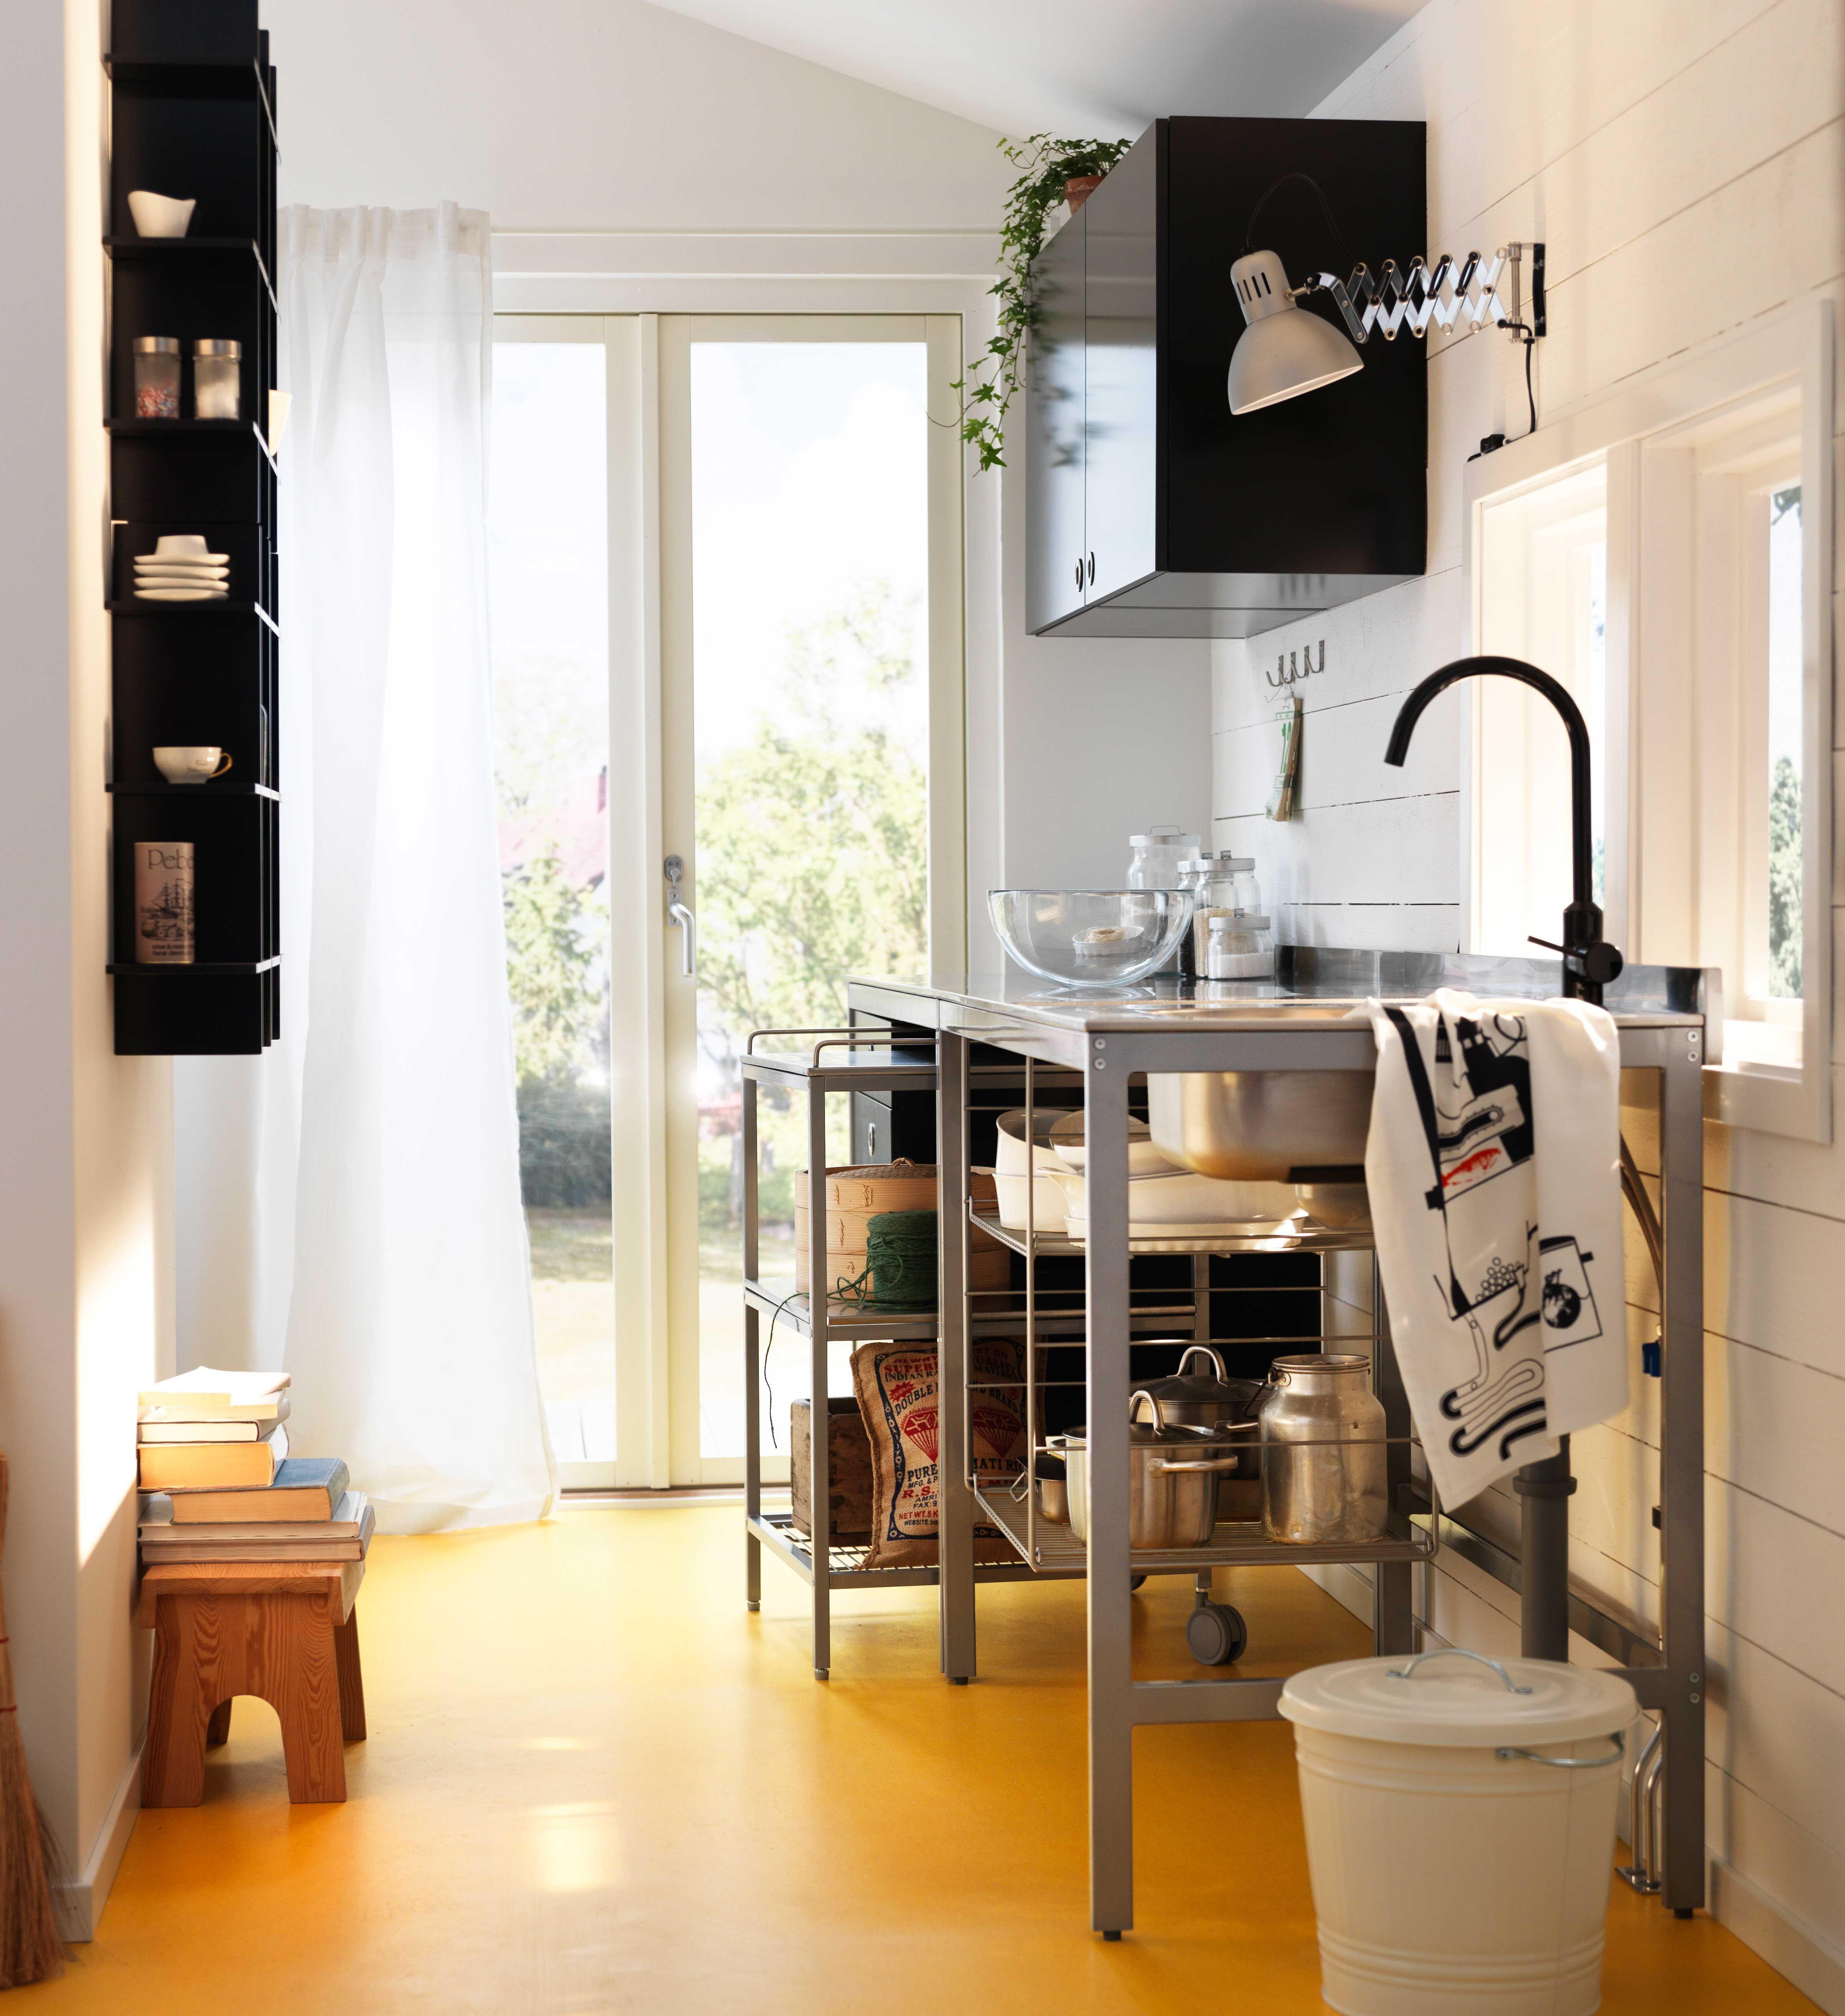 Hochwertig IKEA Österreich, Inspiration, Küche, Spülentisch UDDEN, Mischbatterie  RINGSKÄR, Servierwagen UDDEN,